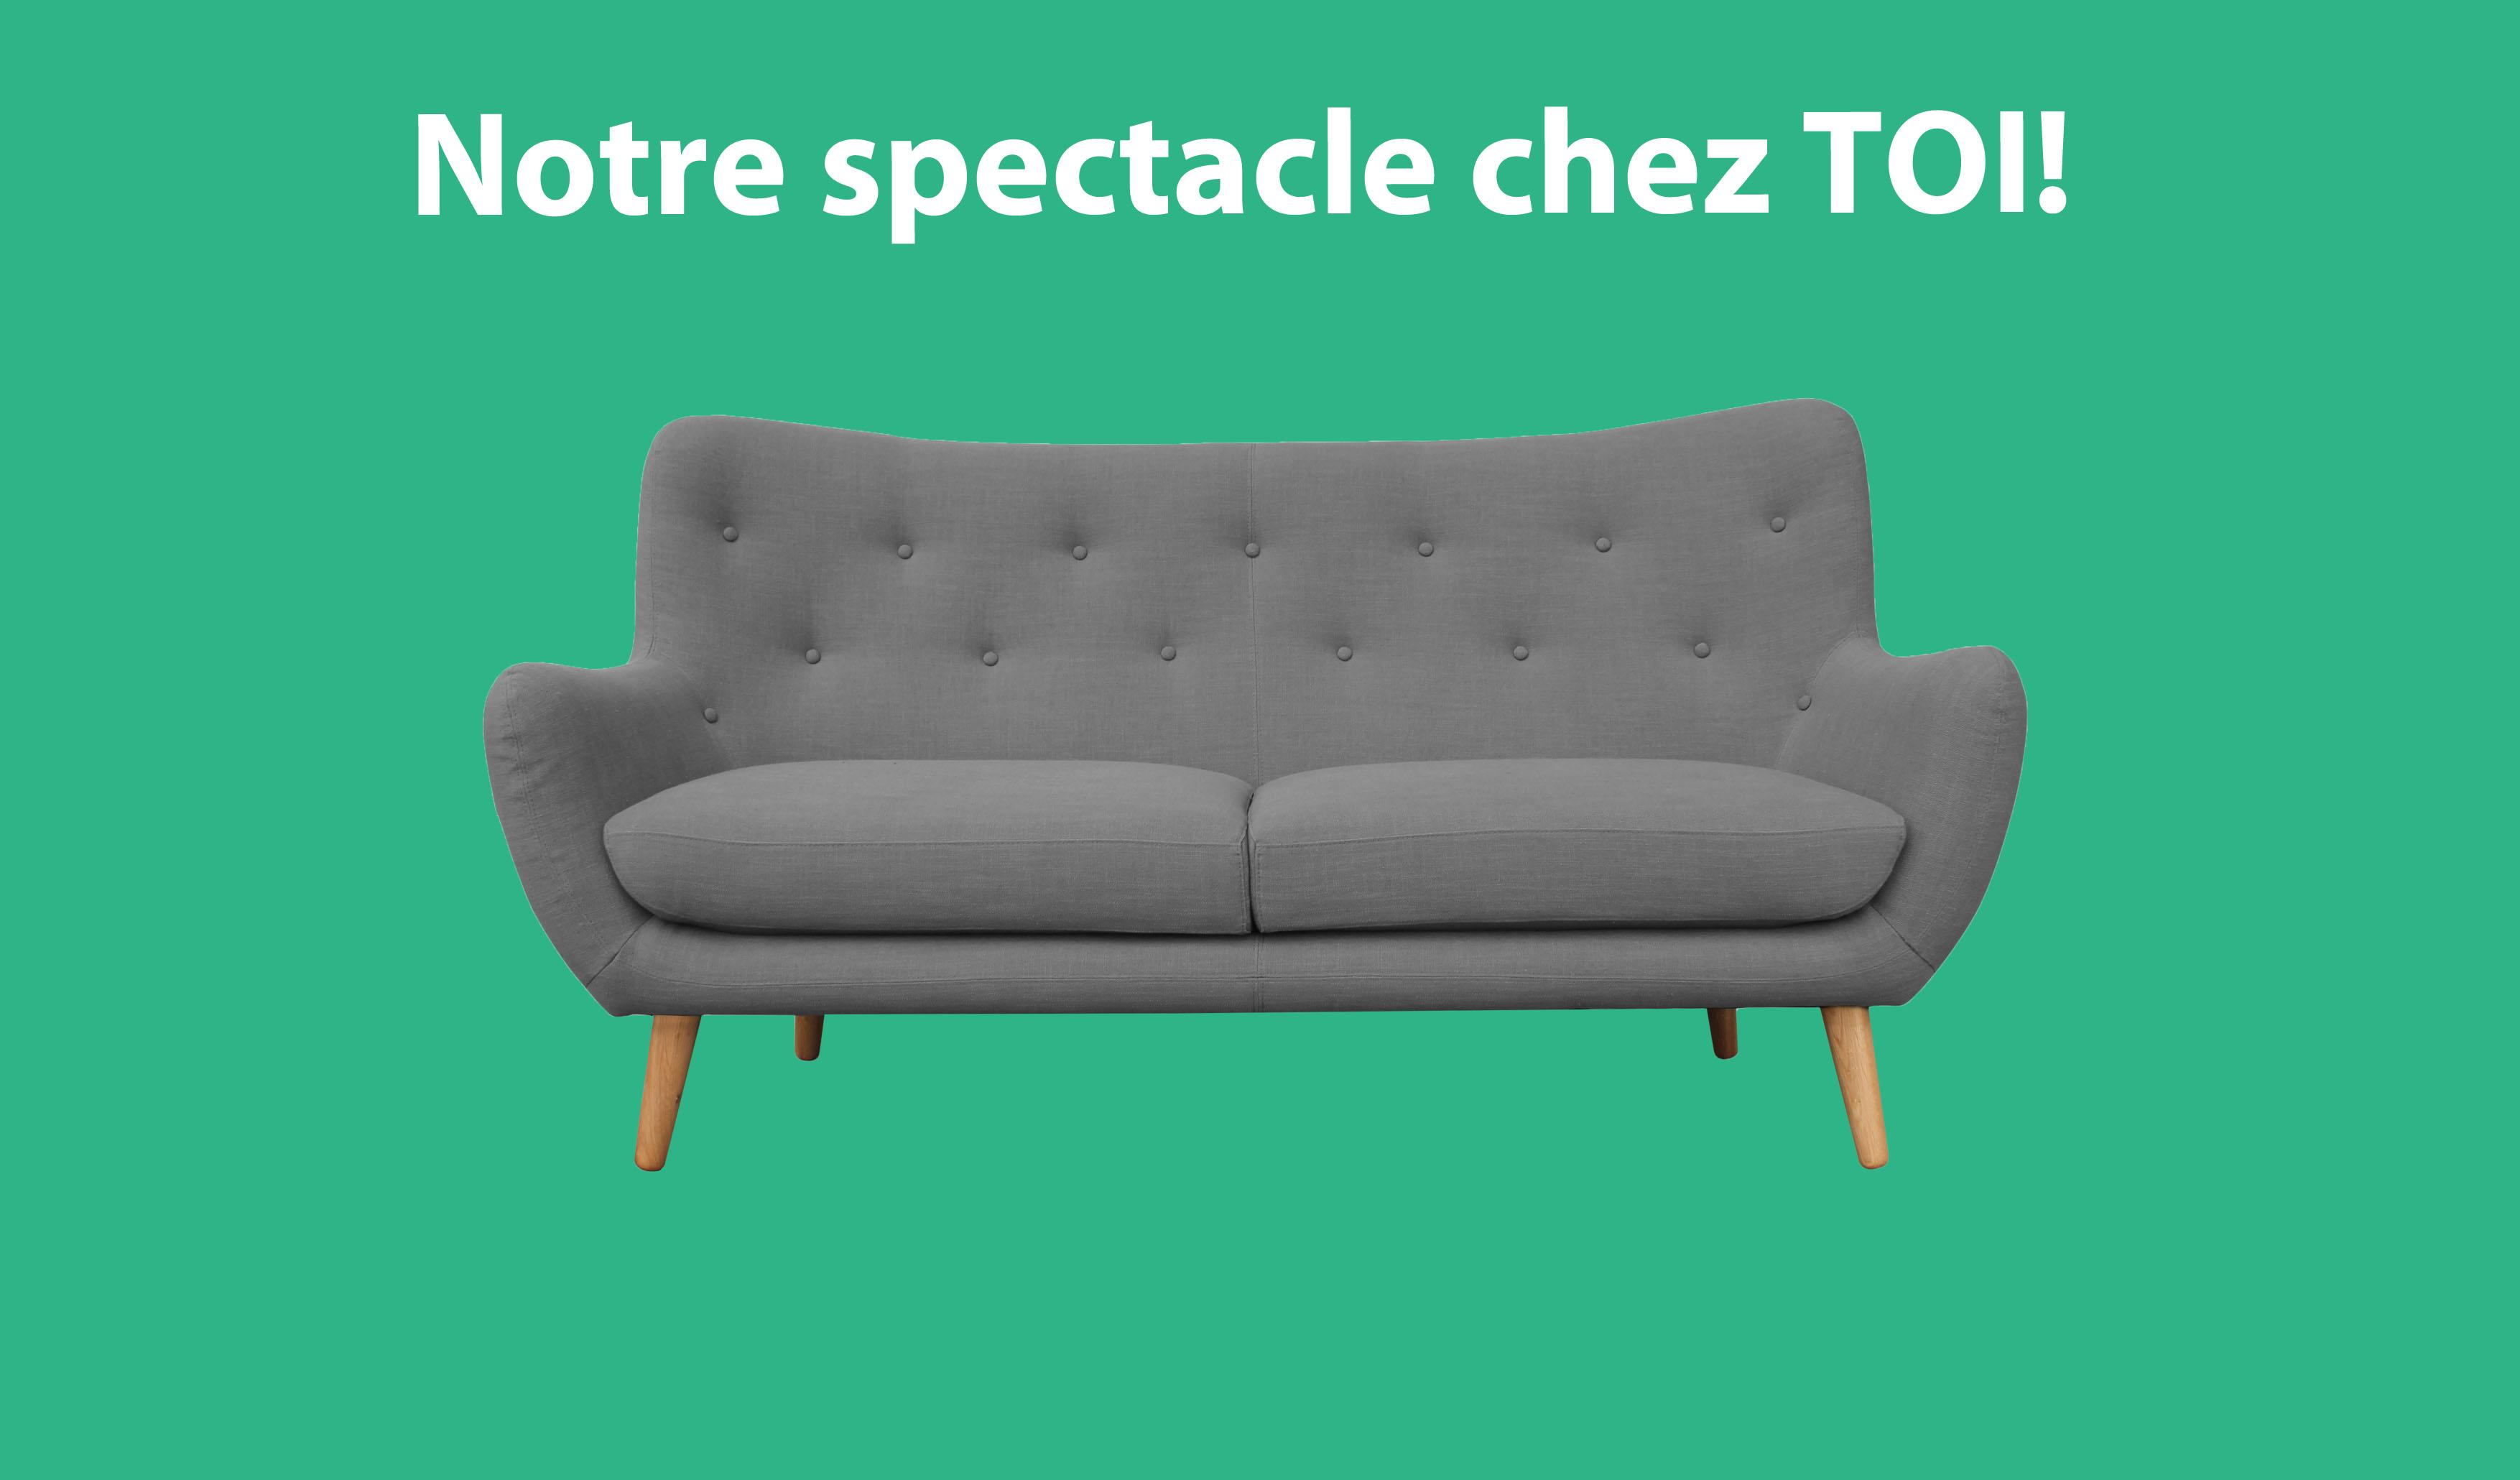 derailleur-1000euros_copie-1461768697.jpg